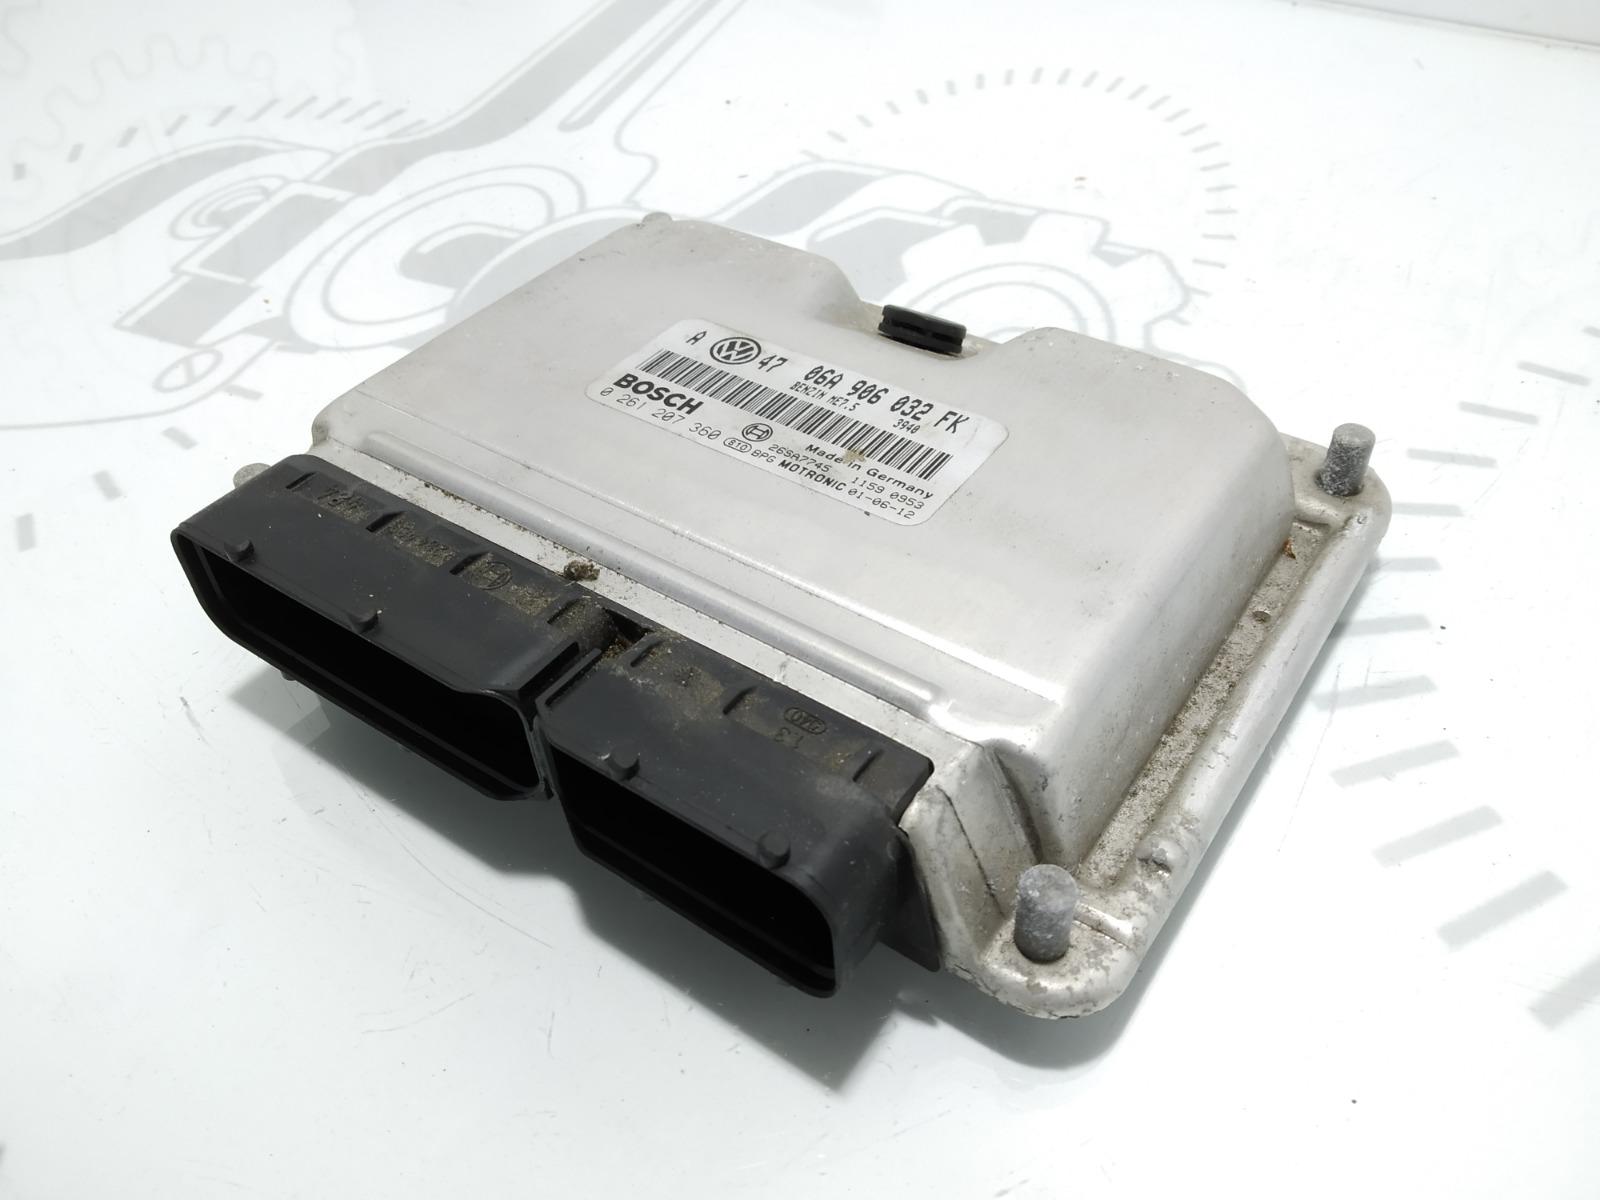 Блок управления двигателем Volkswagen Bora 2.0 I 2002 (б/у)